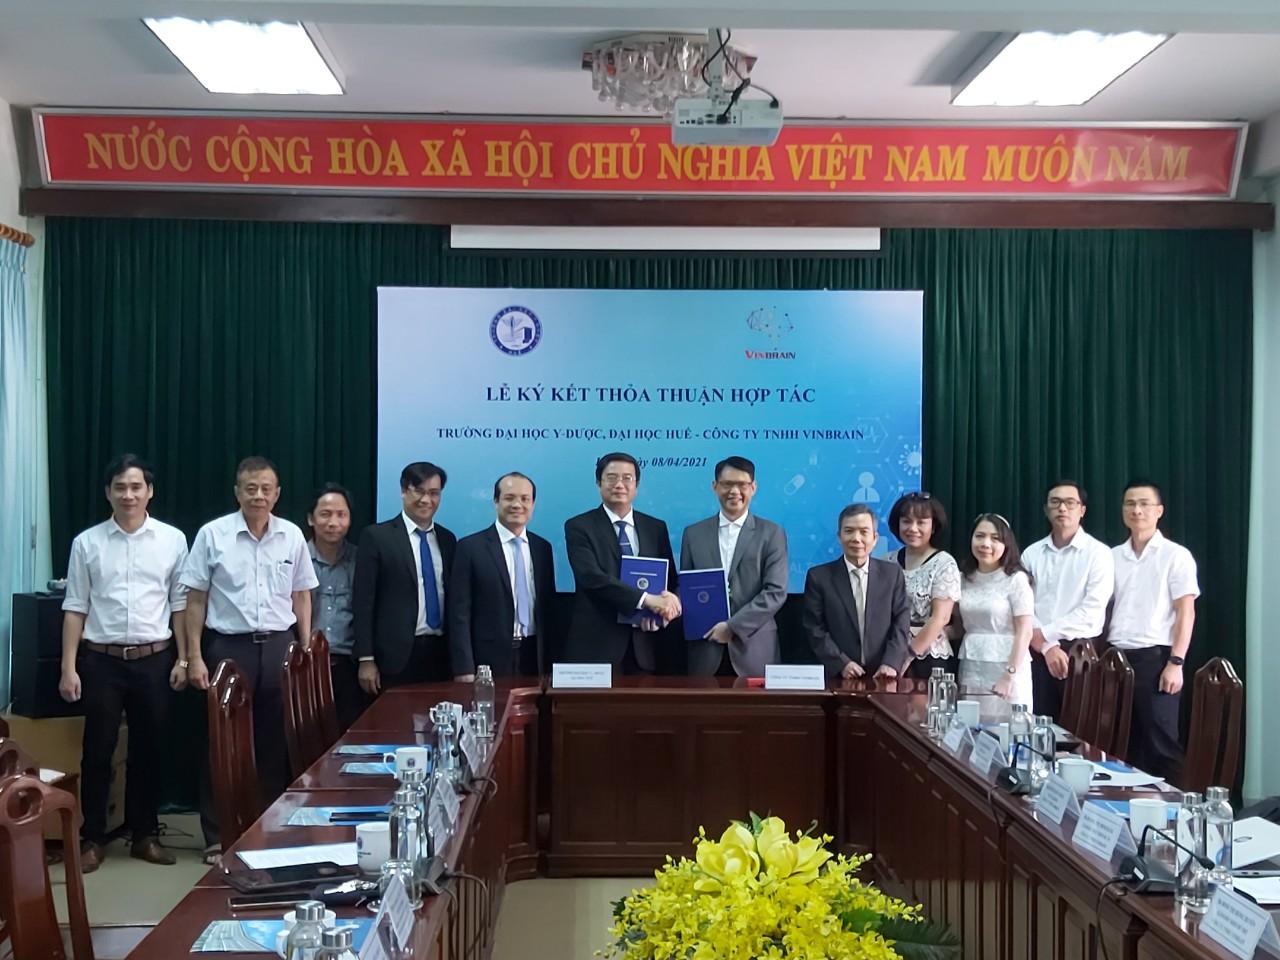 GS.TS. Nguyễn Vũ Quốc Huy, Hiệu trưởng Trường Đại học Y-Dược Huế và Ông Trương Quốc Hùng, Tổng Giám Đốc Công ty VinBrain ký kết Thỏa thuận Hợp tác